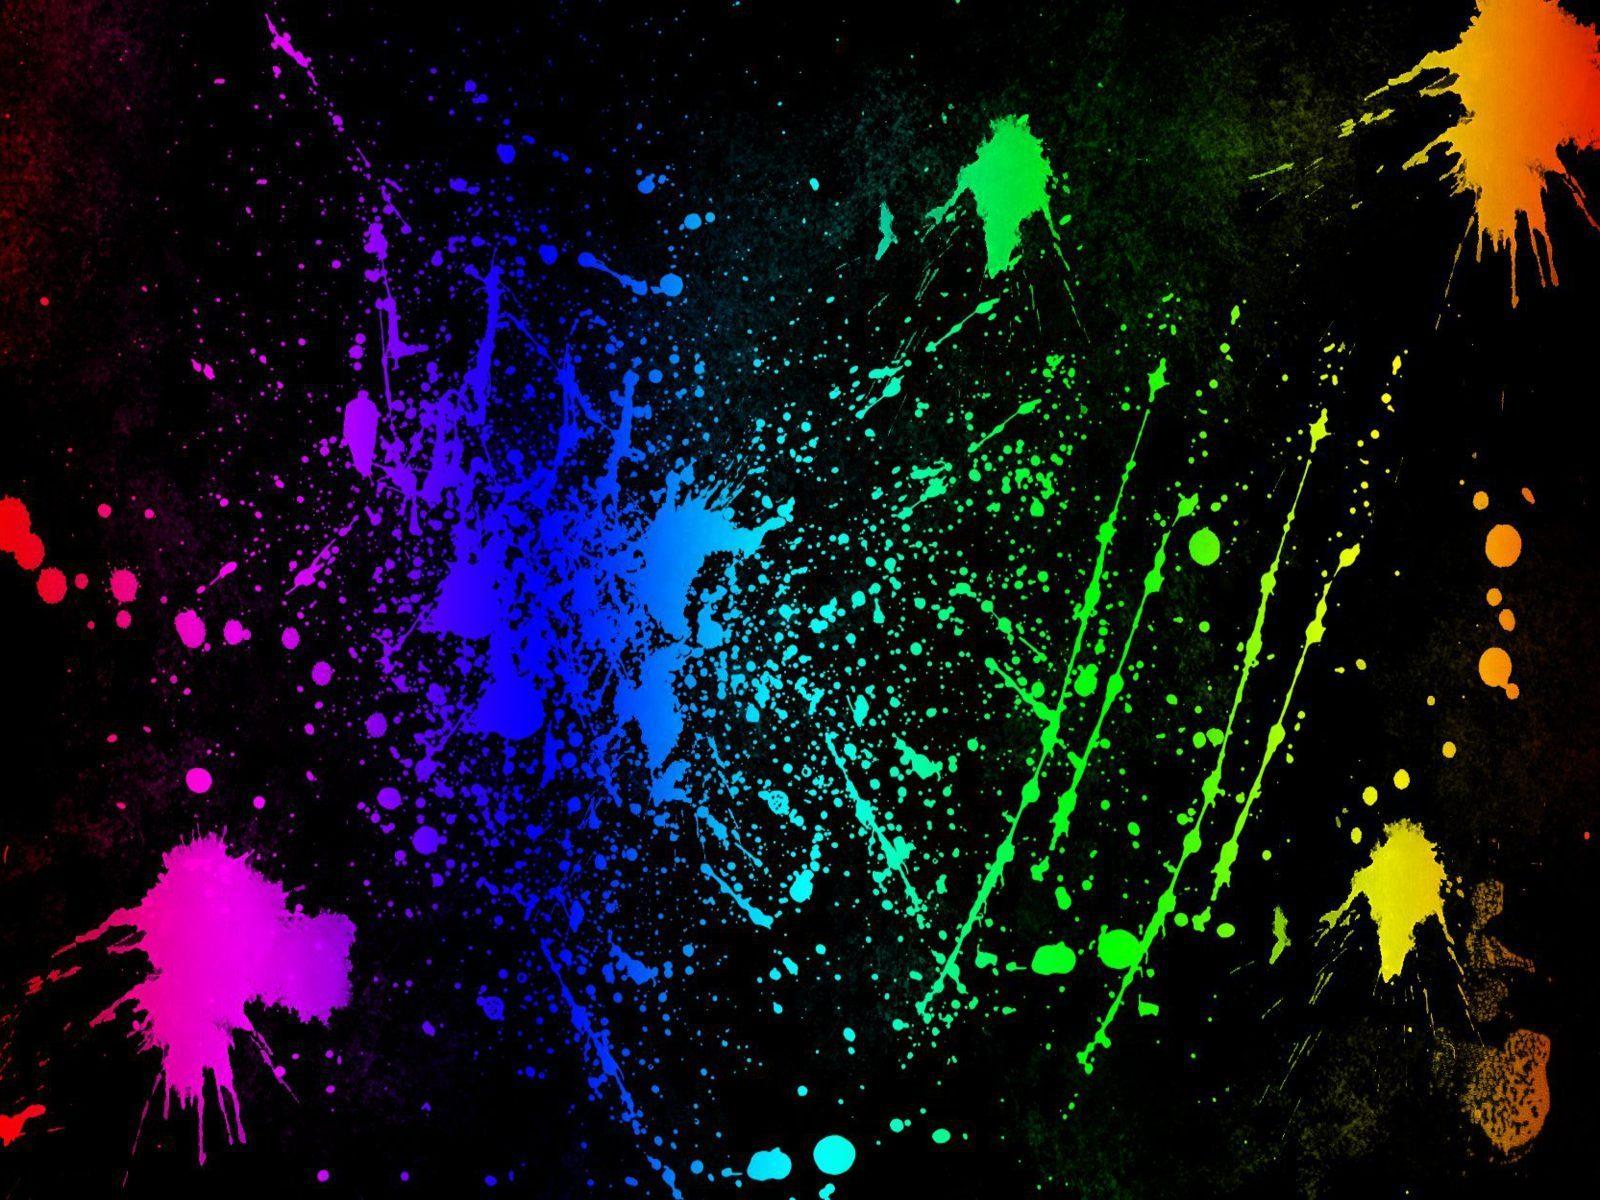 Splatter   Neon Colors Rock Wallpaper 18995953 1600x1200